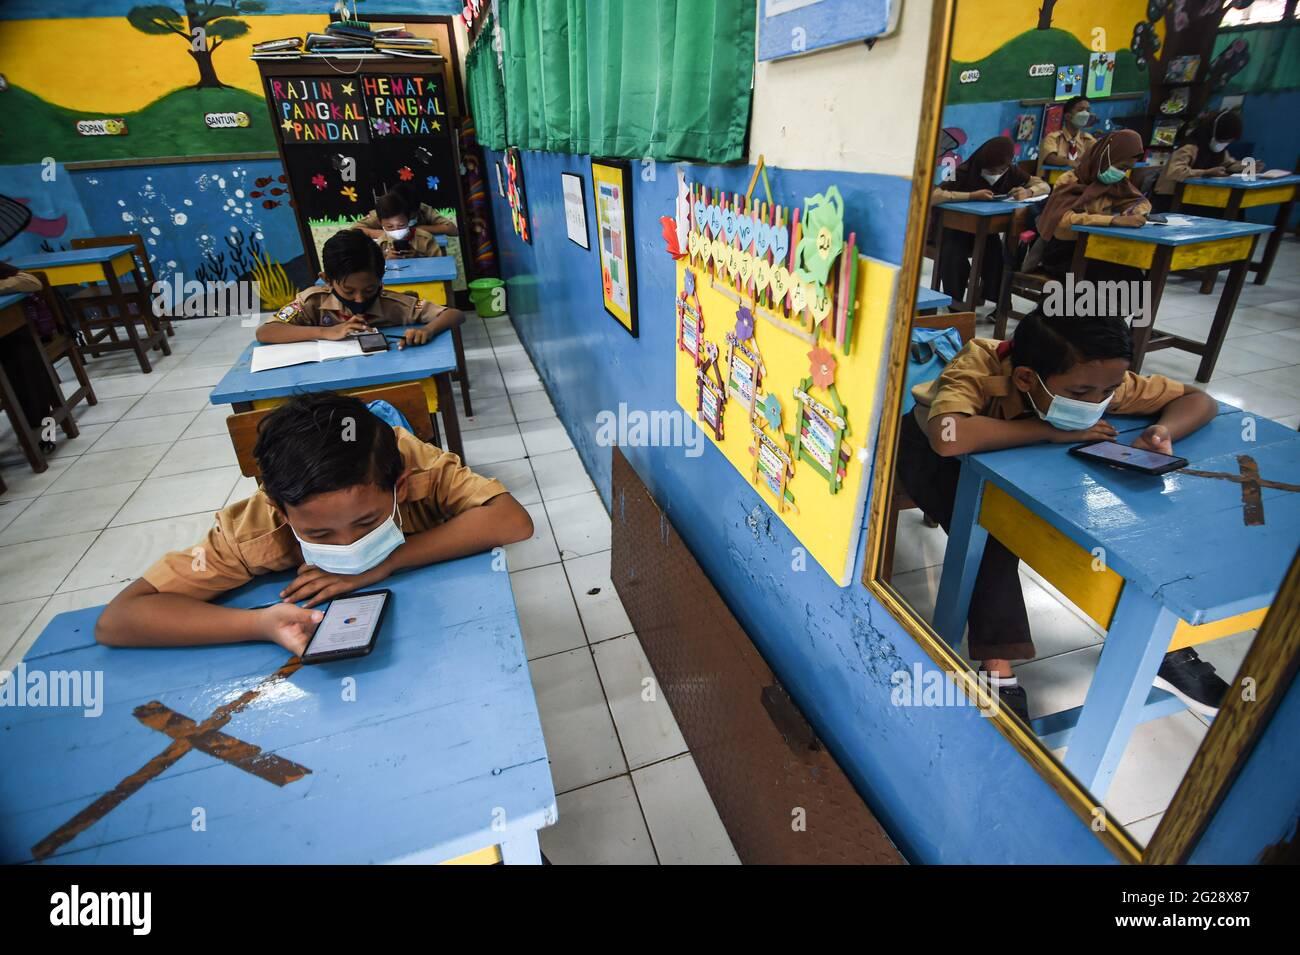 Jakarta, Indonésie. 9 juin 2021. Des élèves du primaire portant un masque facial sont vus dans une salle de classe au cours d'une activité d'apprentissage face à face d'essai dans le cadre de l'épidémie de COVID-19 dans une école de Jakarta, Indonésie, le 9 juin 2021. Credit: Agung Kuncahya B./Xinhua/Alay Live News Banque D'Images